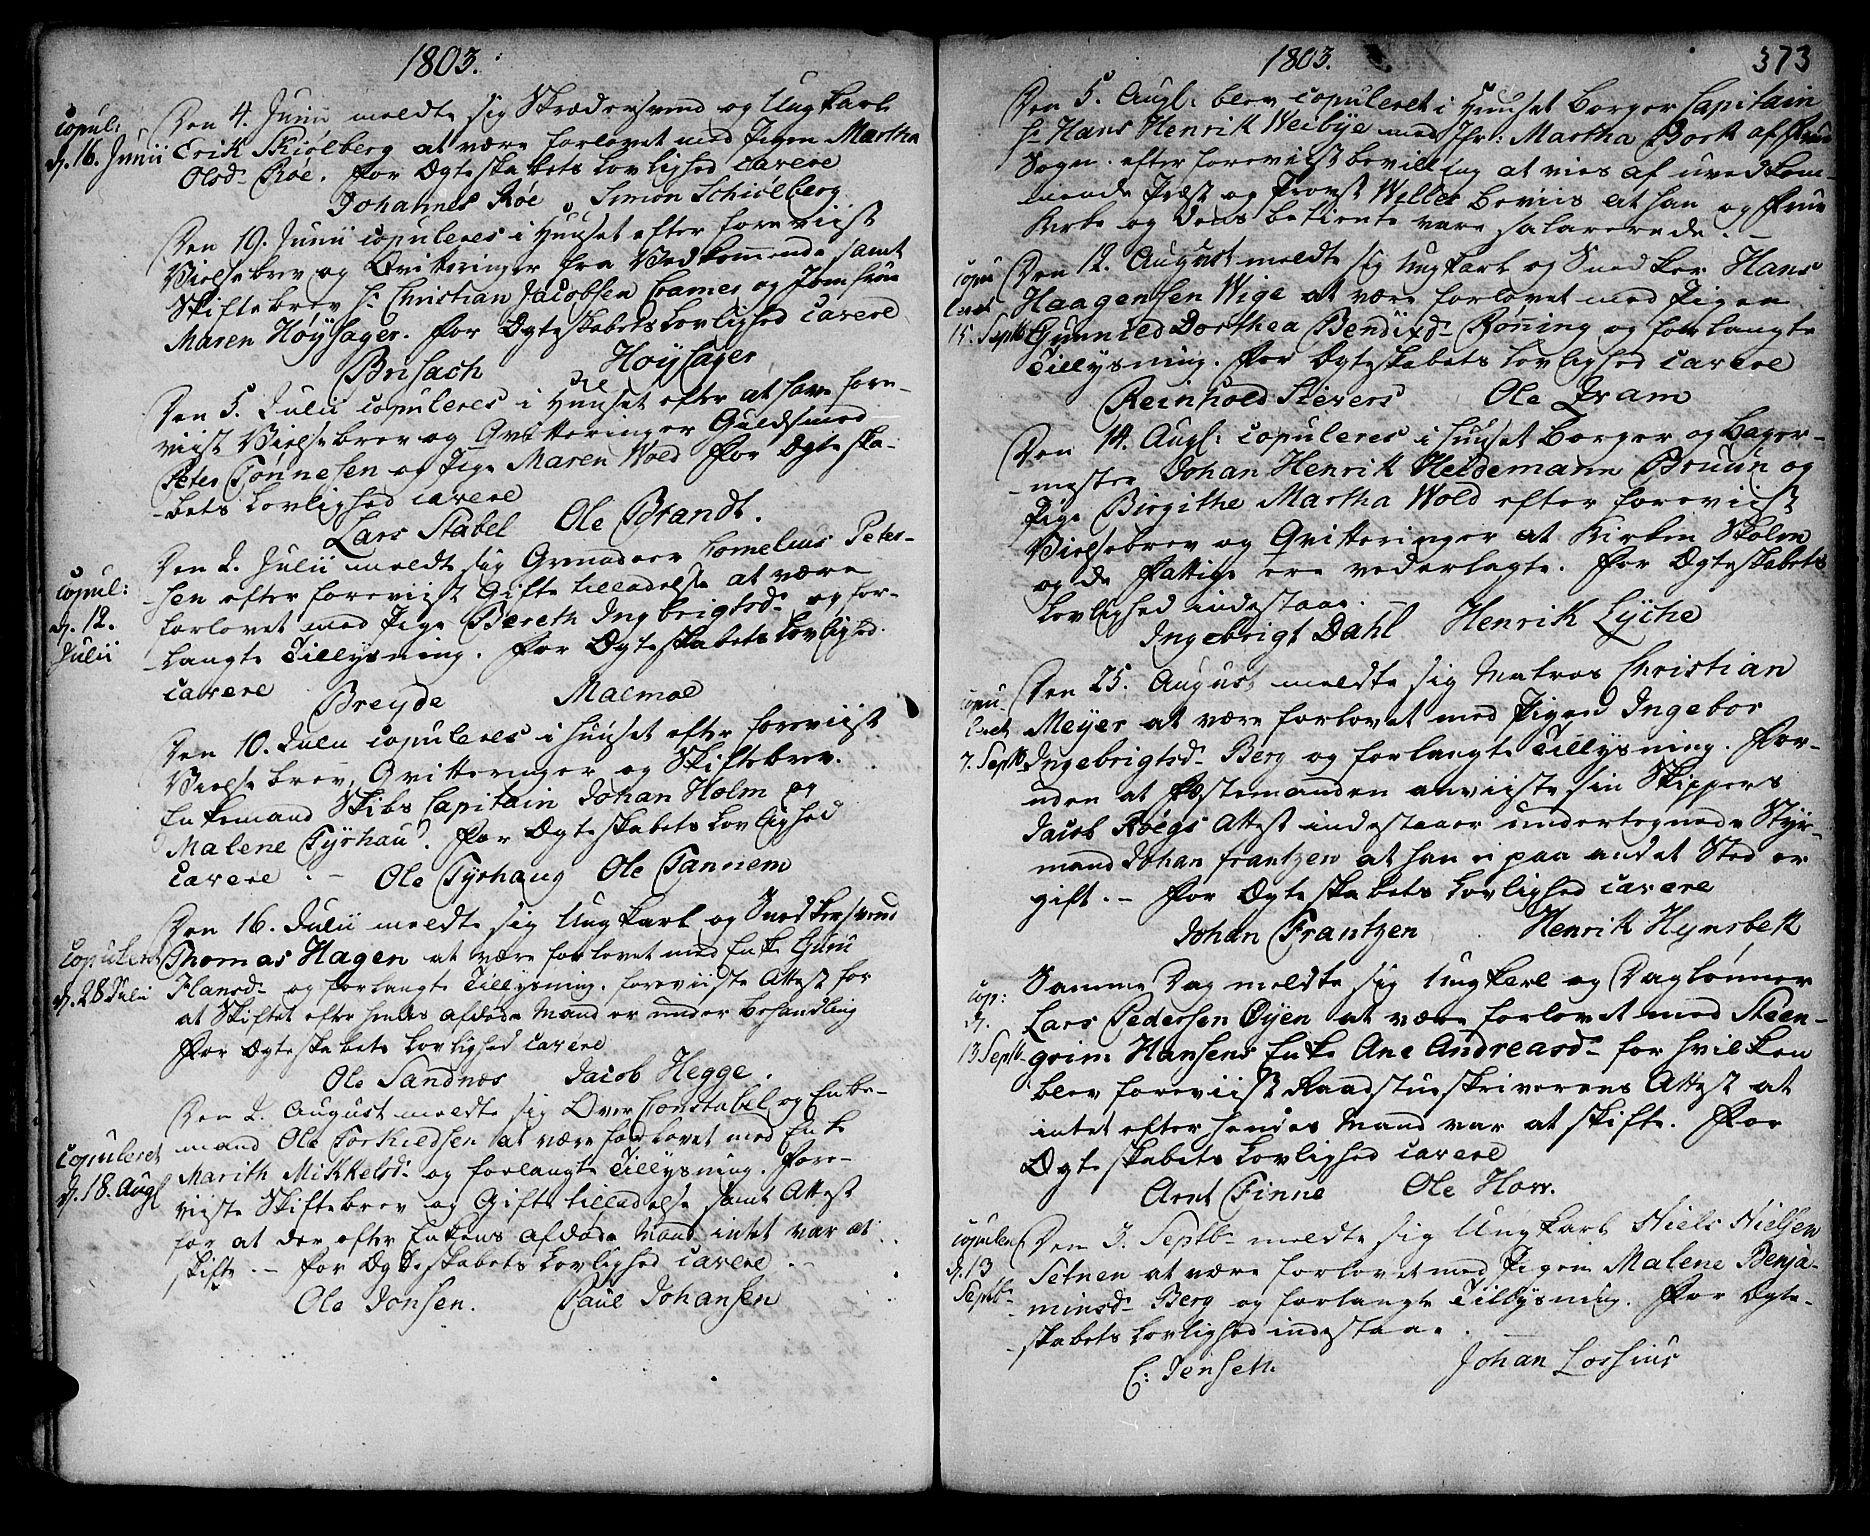 SAT, Ministerialprotokoller, klokkerbøker og fødselsregistre - Sør-Trøndelag, 601/L0038: Ministerialbok nr. 601A06, 1766-1877, s. 373